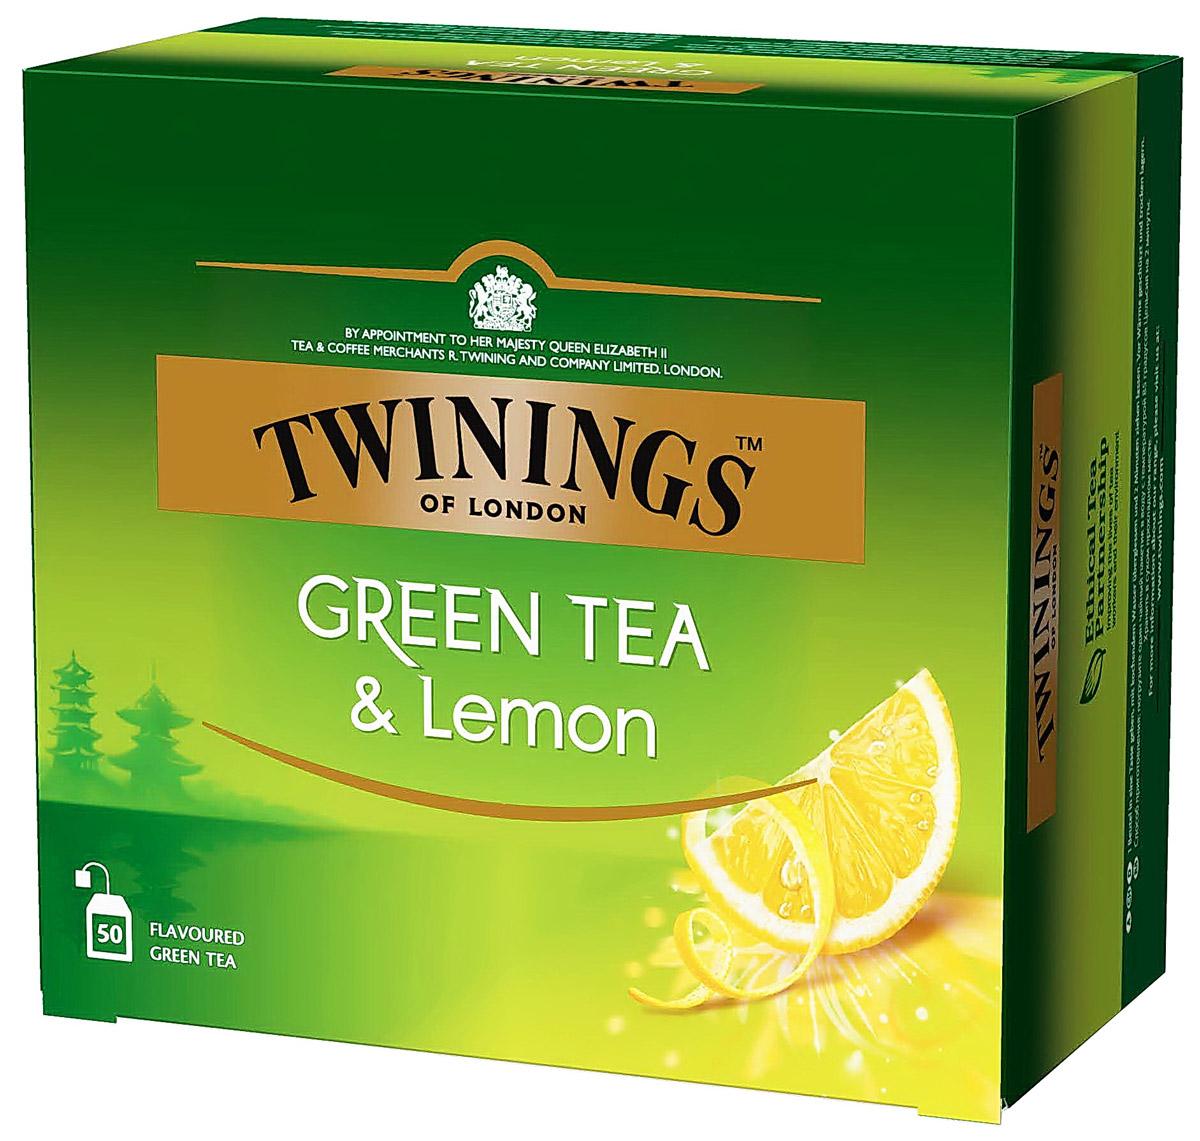 Twinings Green Tea & Lemon зеленый чай с цедрой лимона в пакетиках, 50 шт80098-00Twinings Green Tea & Lemon - уникальная смесь зеленого чая с добавлением лимонной цедры.Уважаемые клиенты! Обращаем ваше внимание на то, что упаковка может иметь несколько видов дизайна. Поставка осуществляется в зависимости от наличия на складе.